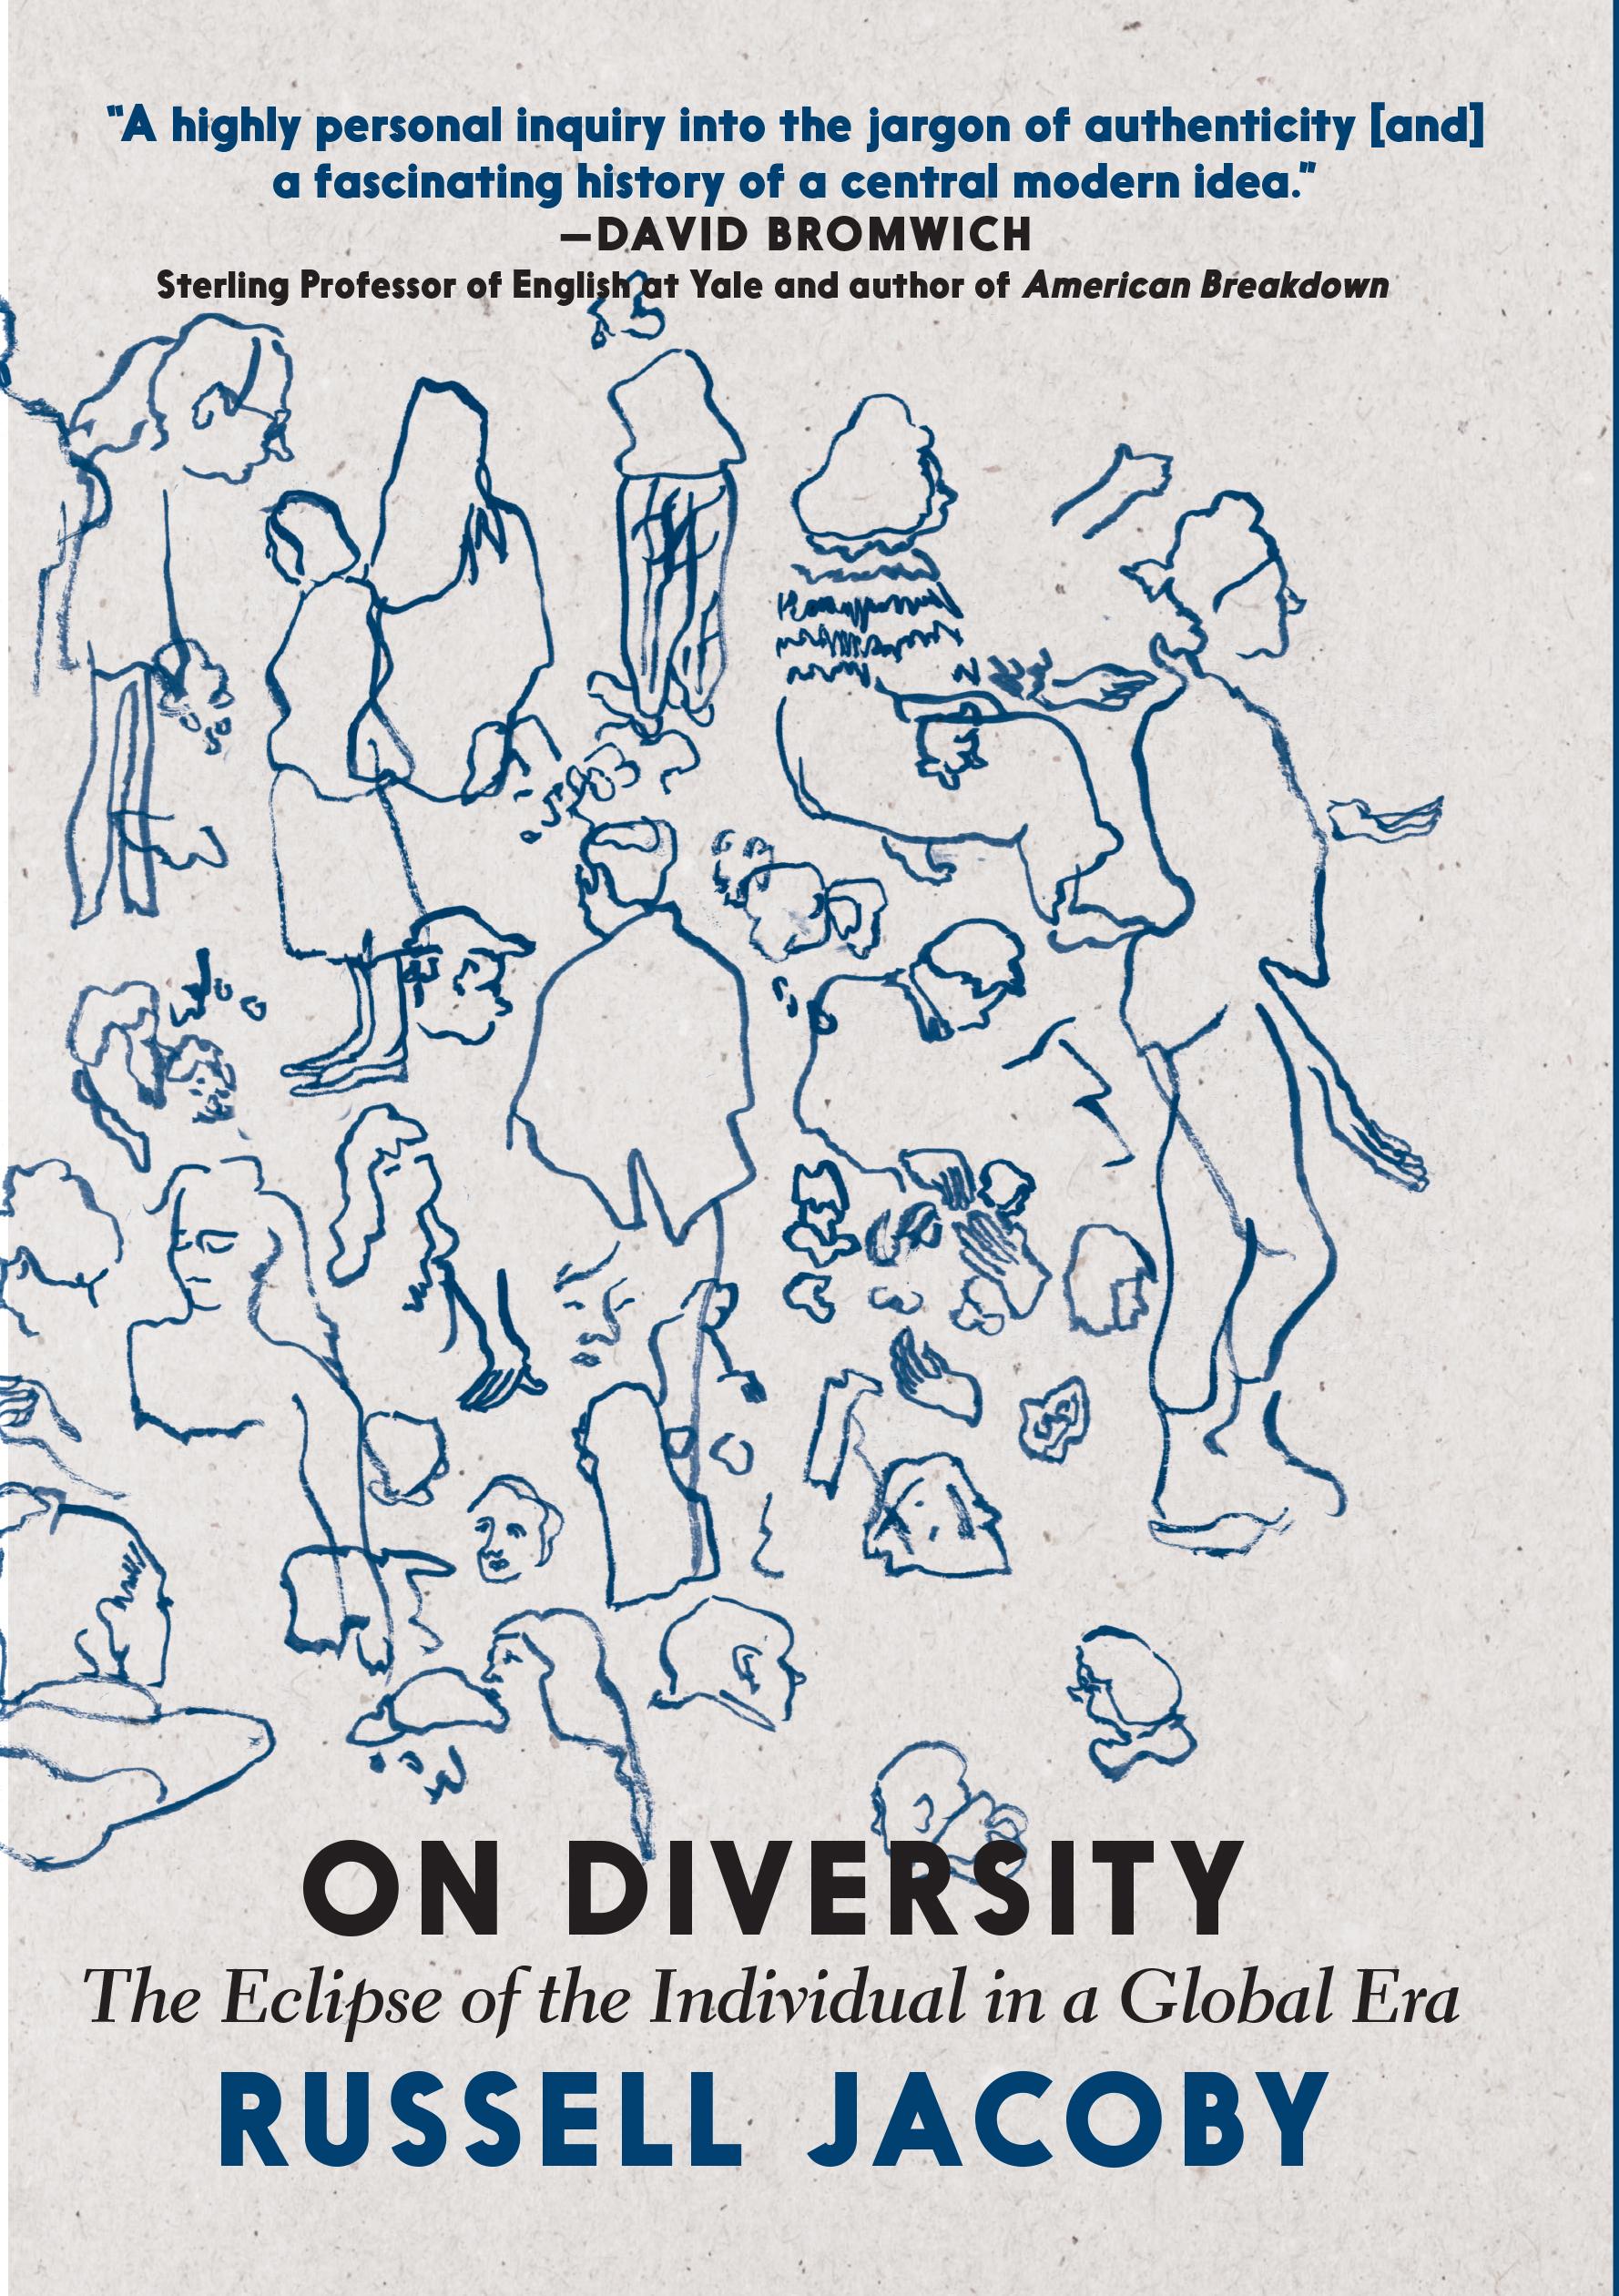 Ondiversity_cover